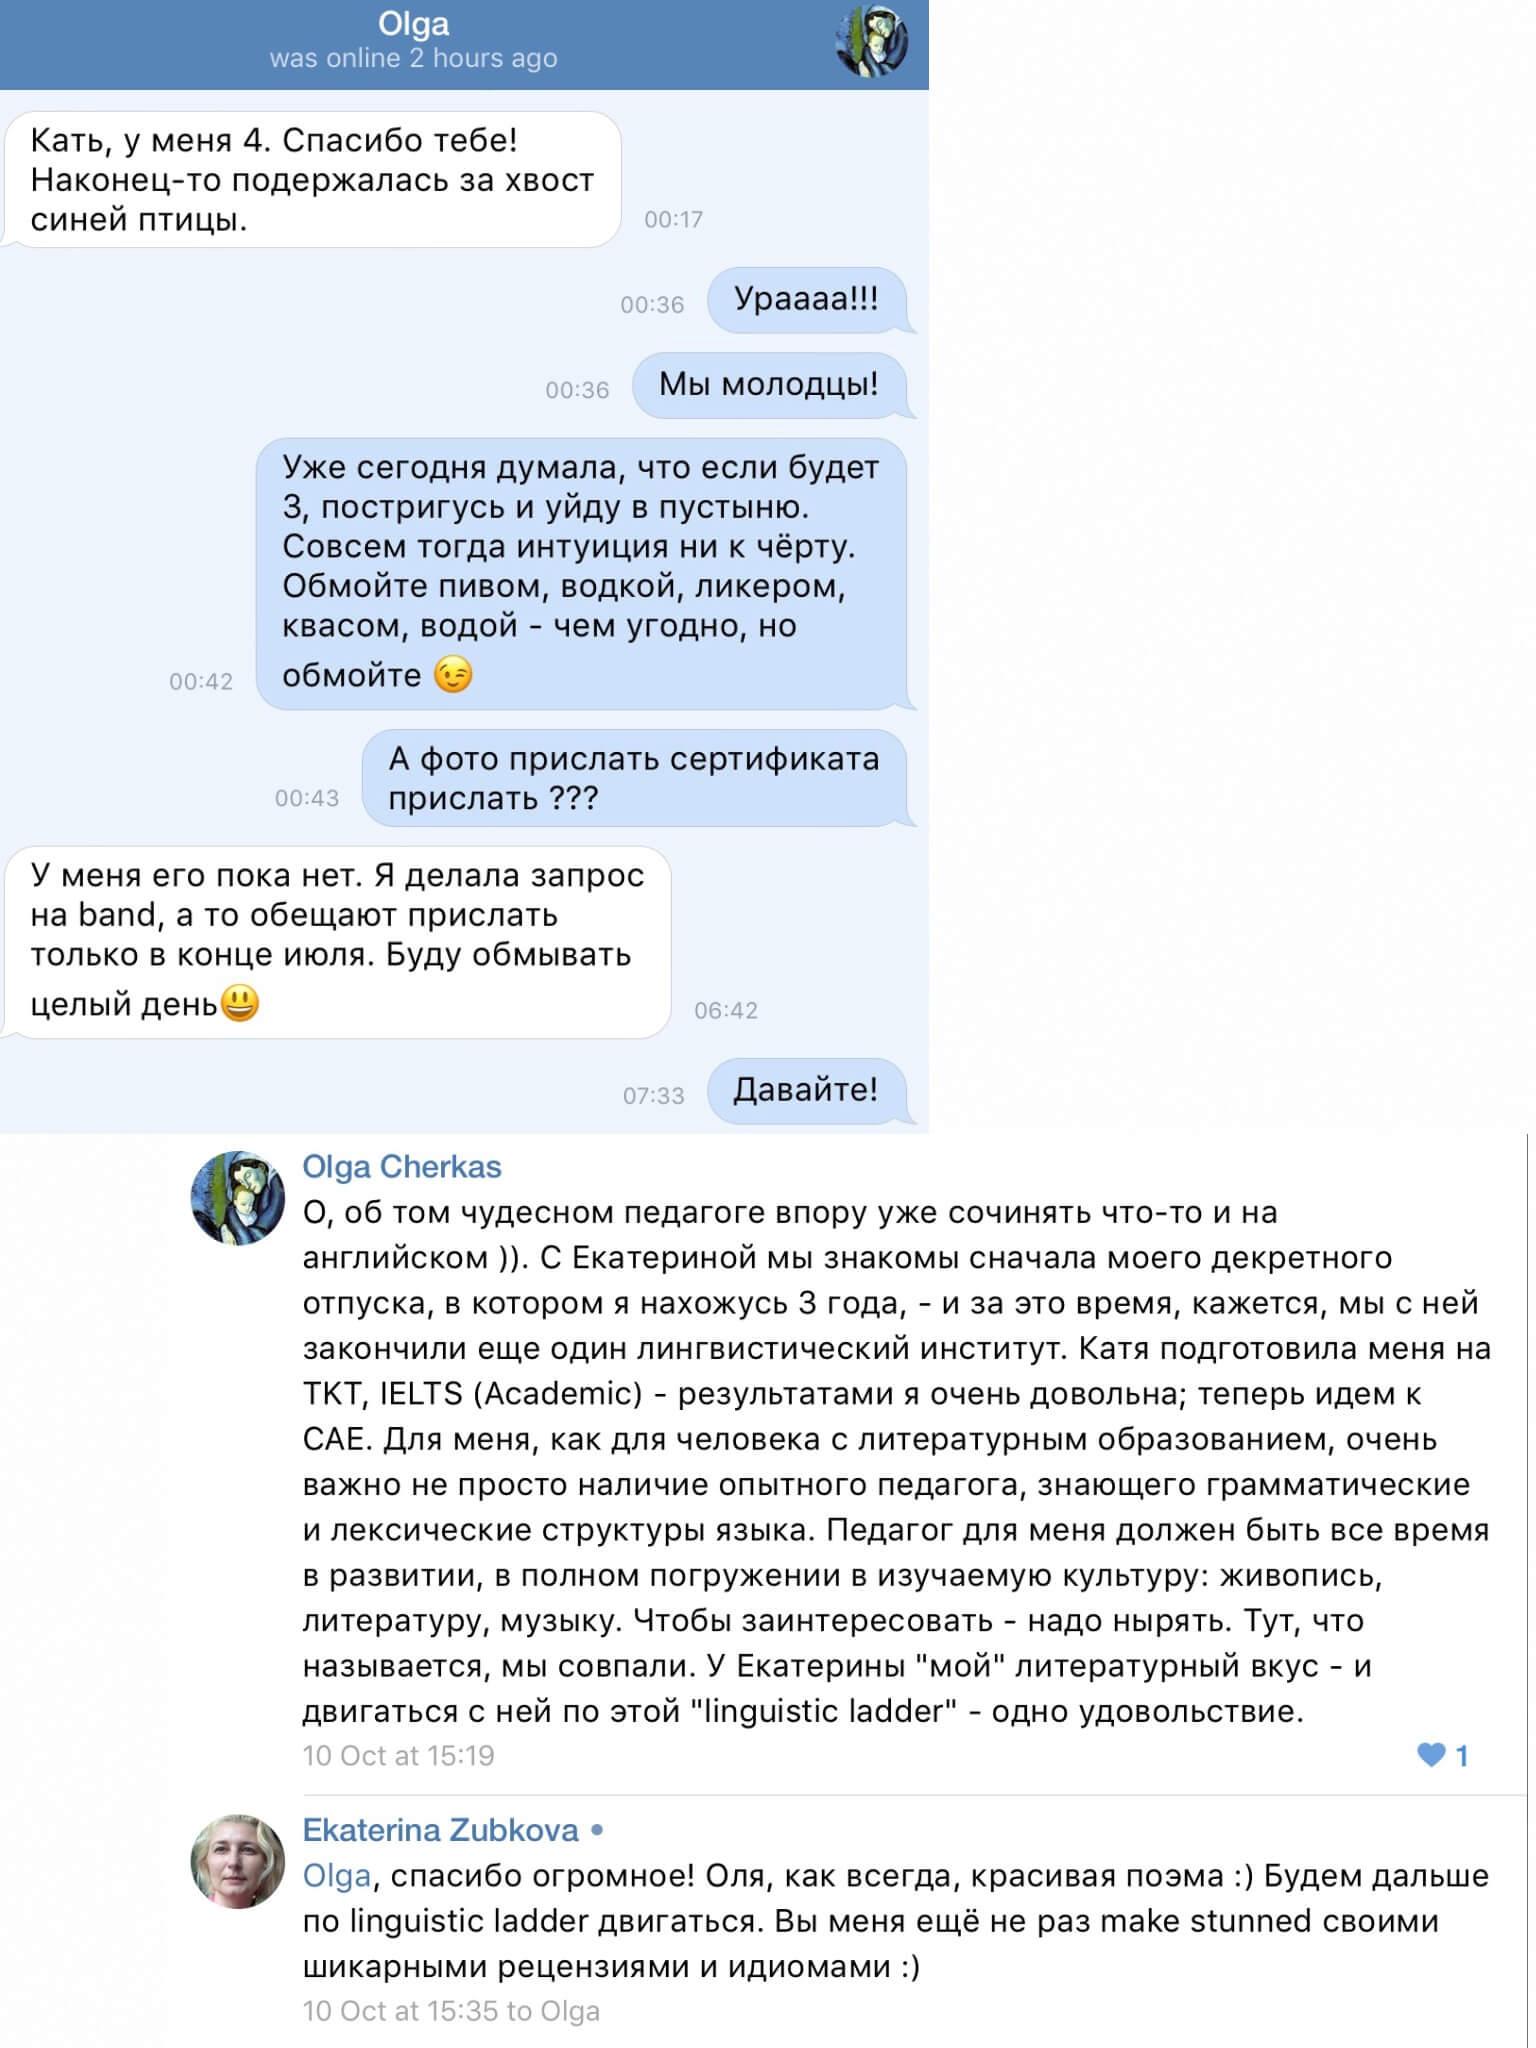 Отзыв об IELTS и TKT